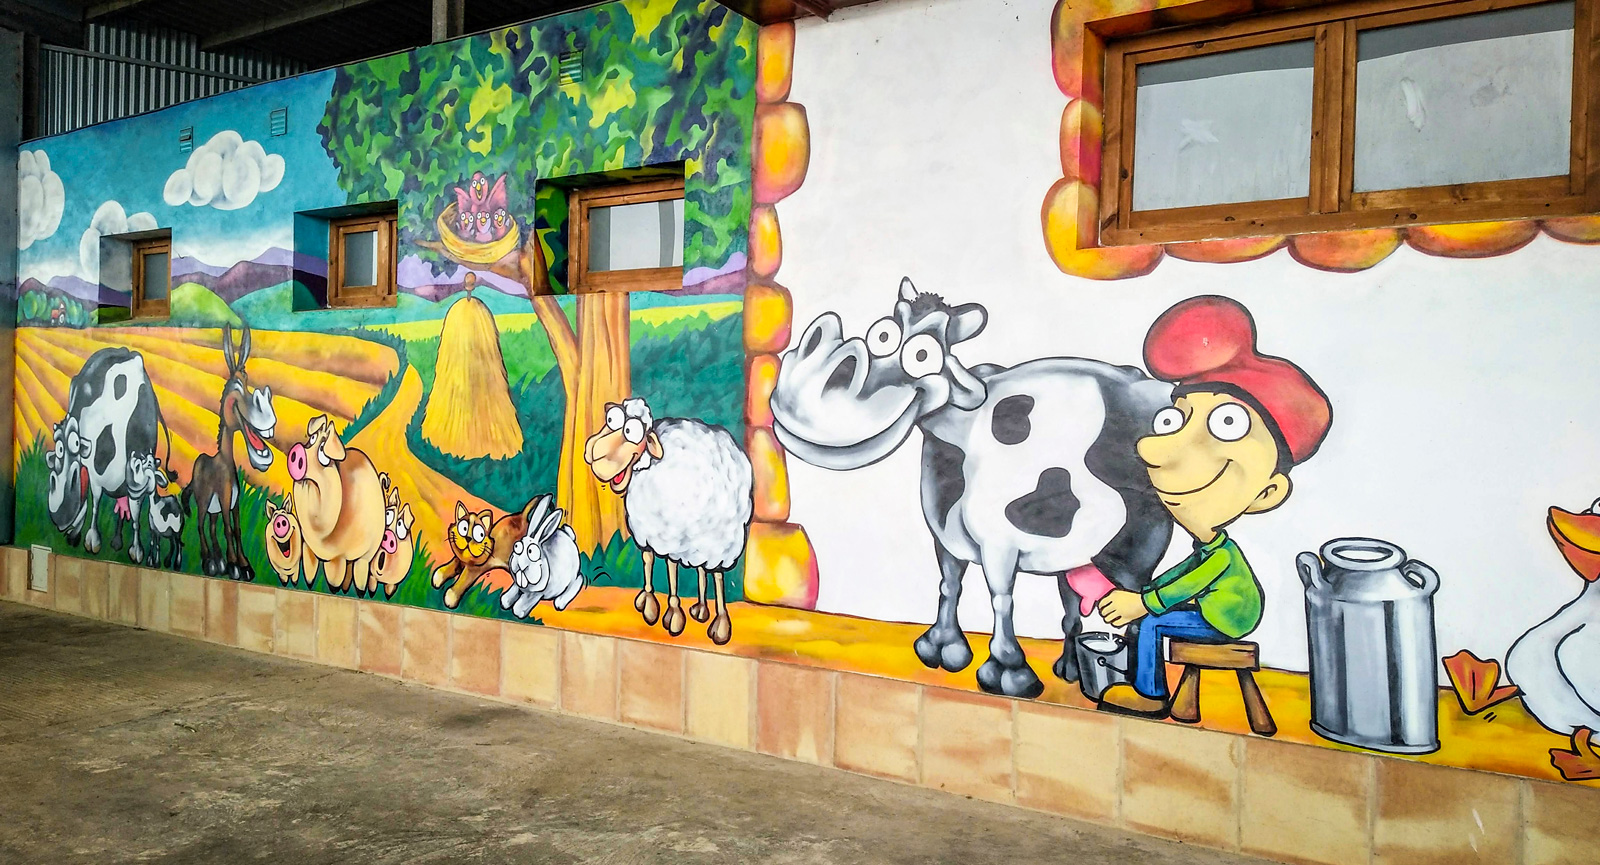 Gratis ställplatser för husbilen: Bo på spansk bondgård